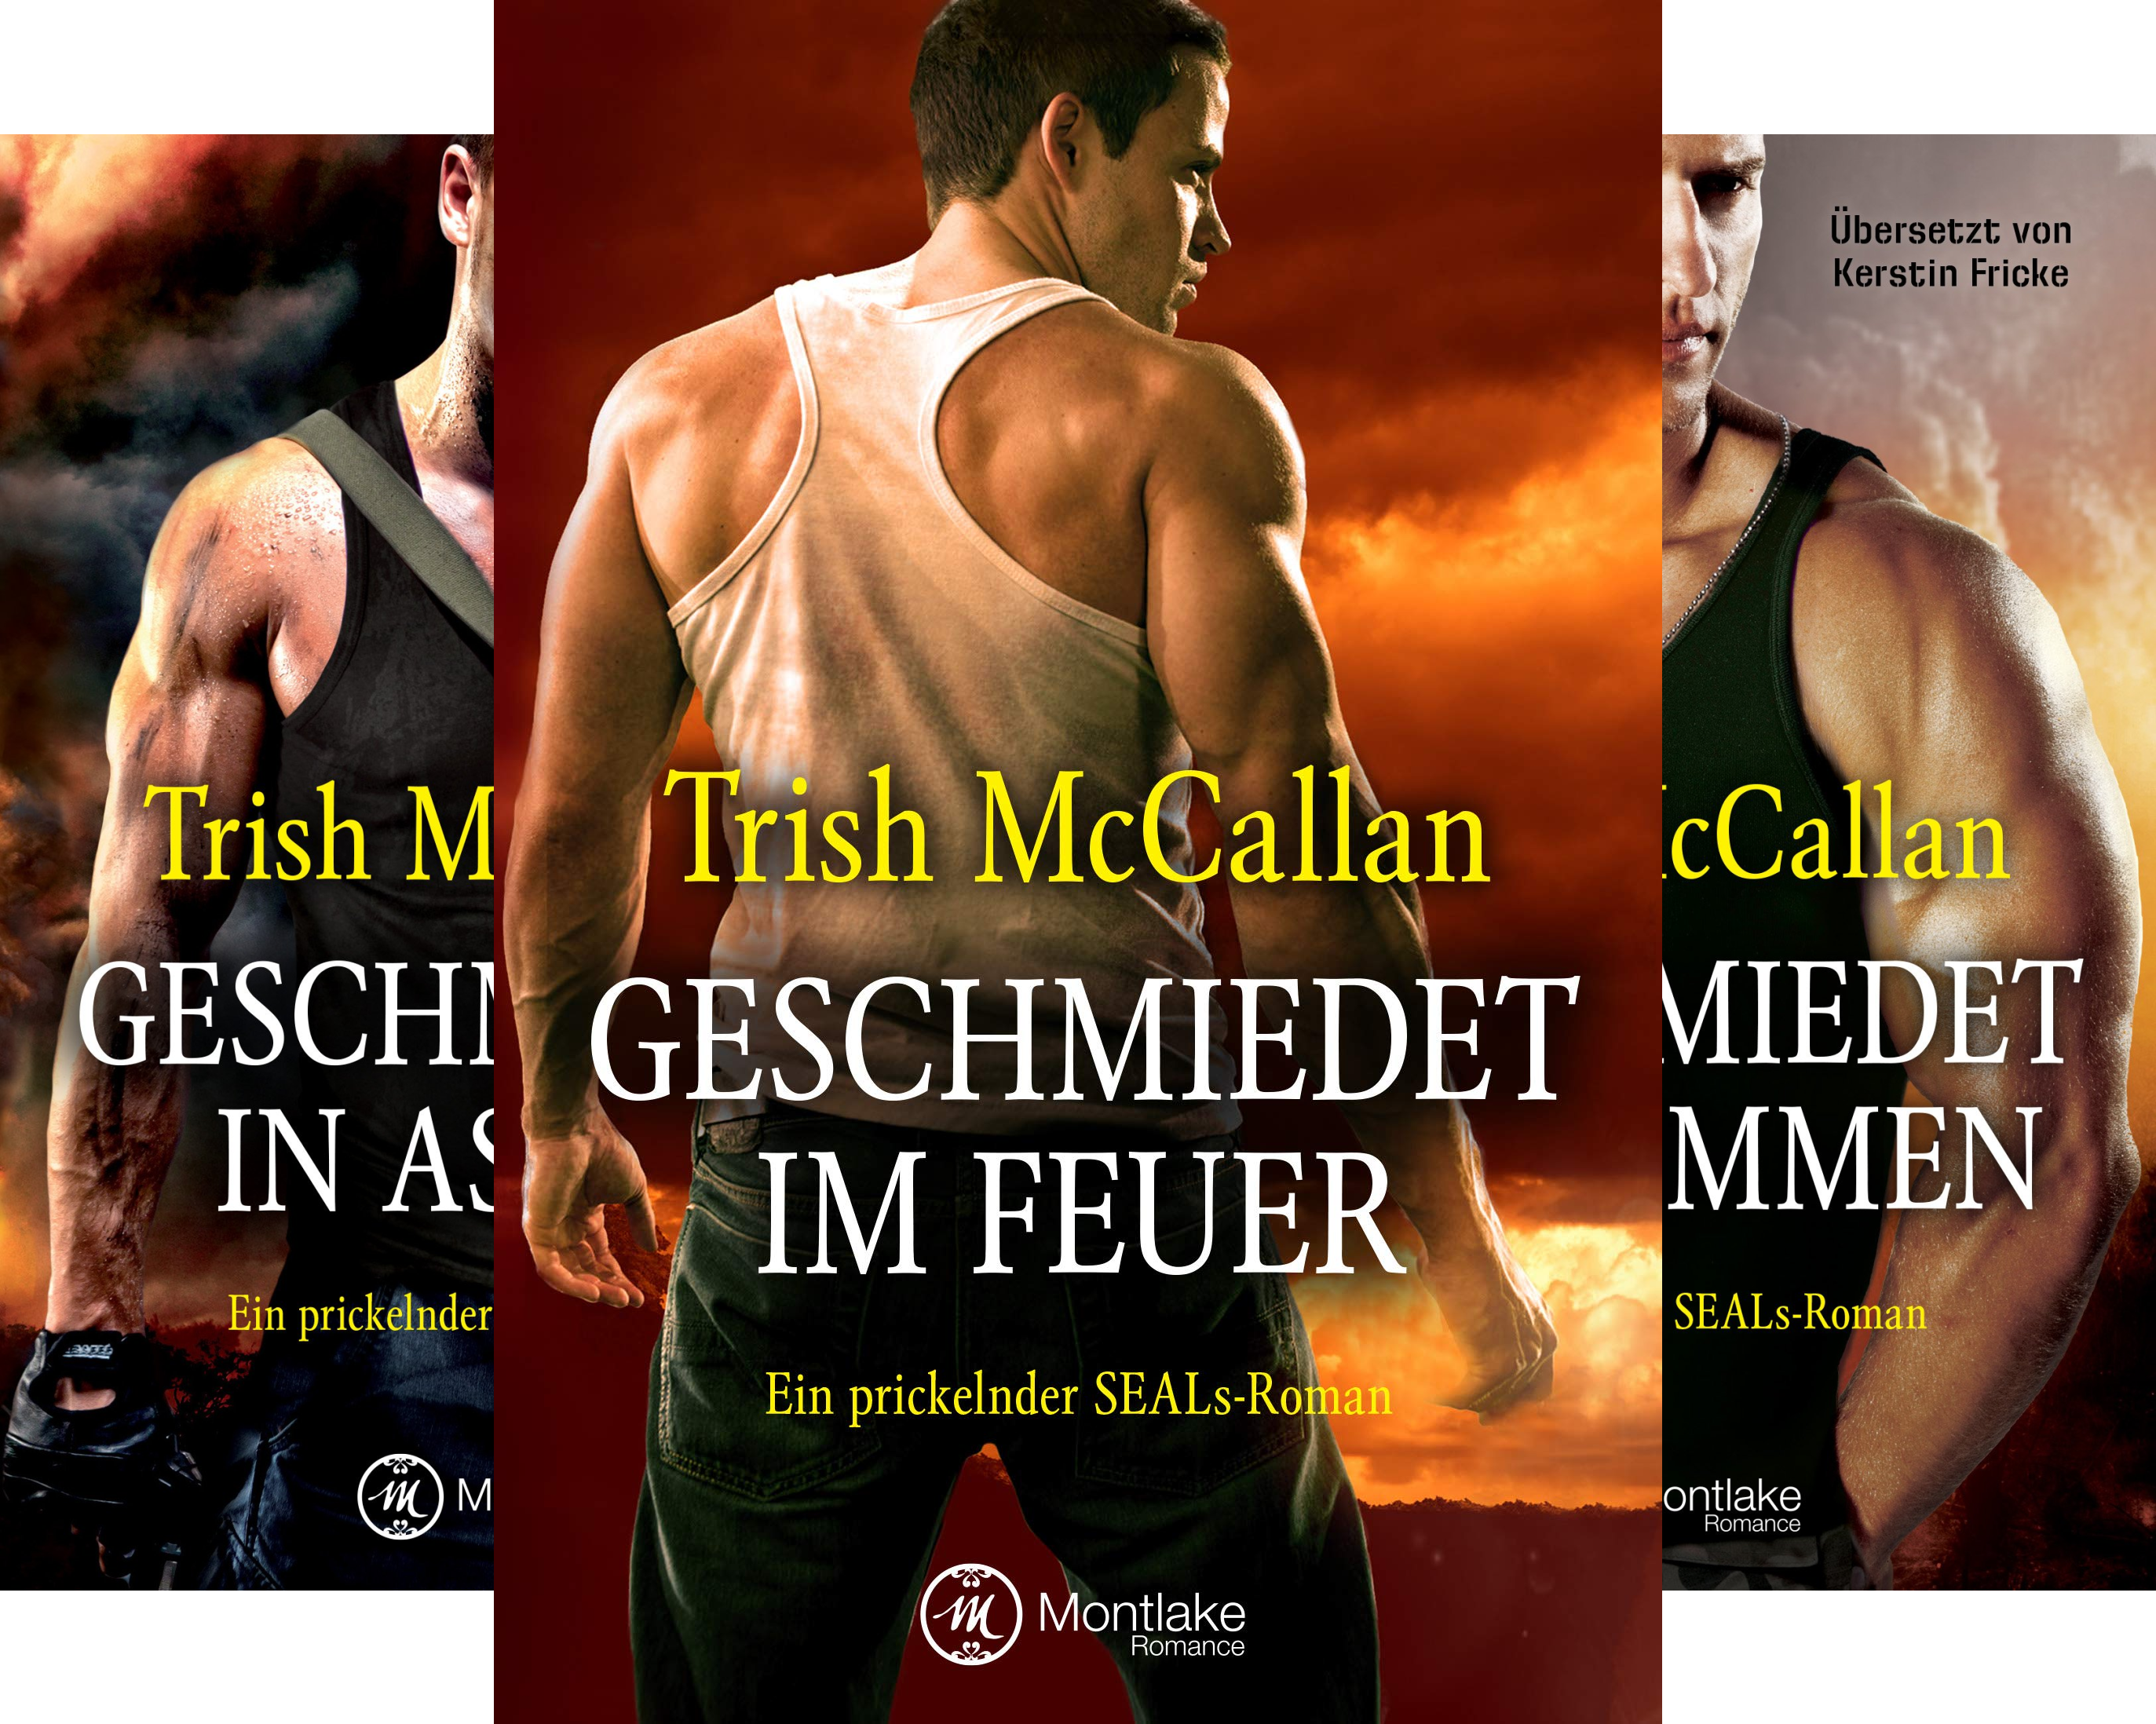 Ein prickelnder SEALs-Roman (Reihe in 4 Bänden)